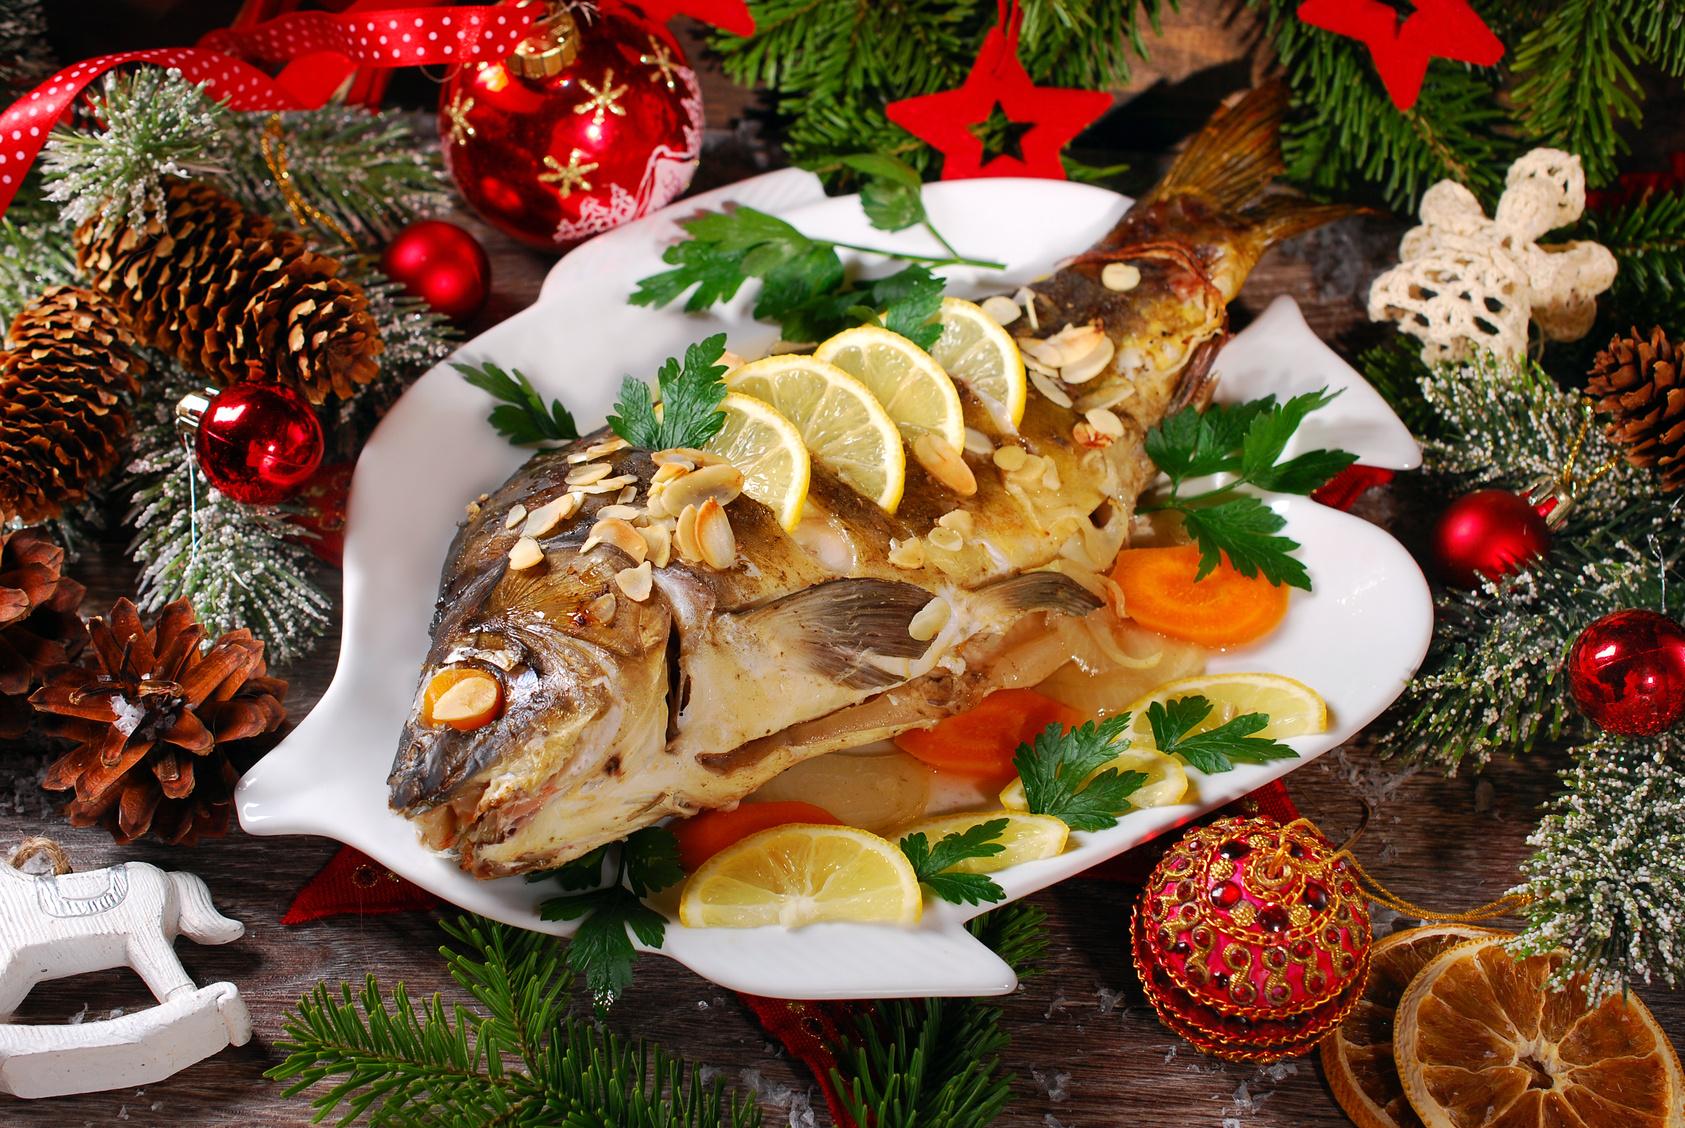 Menu Della Vigilia Di Natale Base Di Carne.Perche Si Mangia Pesce Alla Vigilia Di Natale